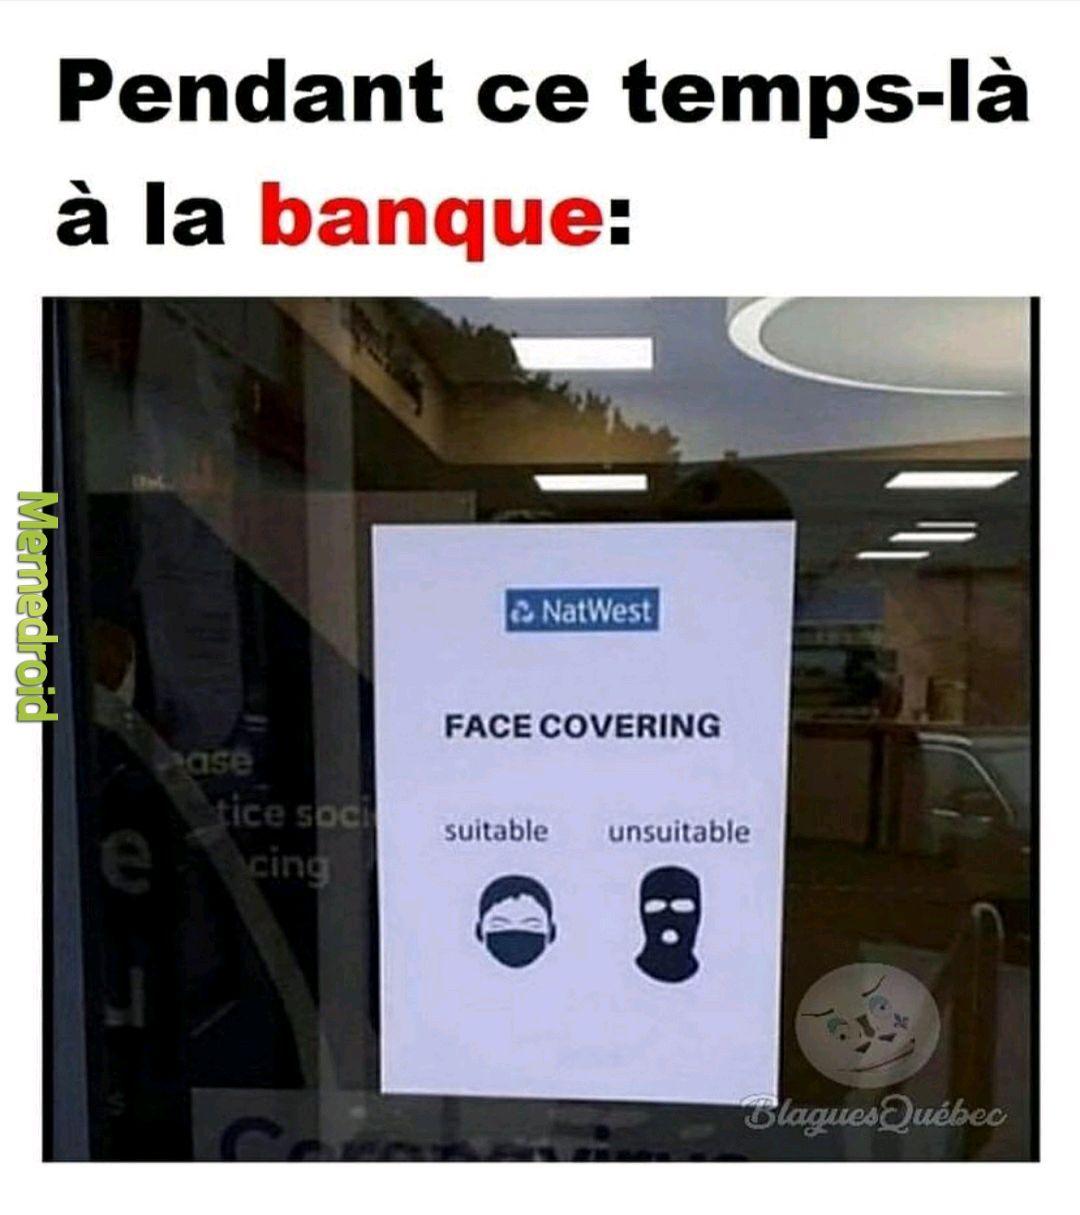 La banque - meme